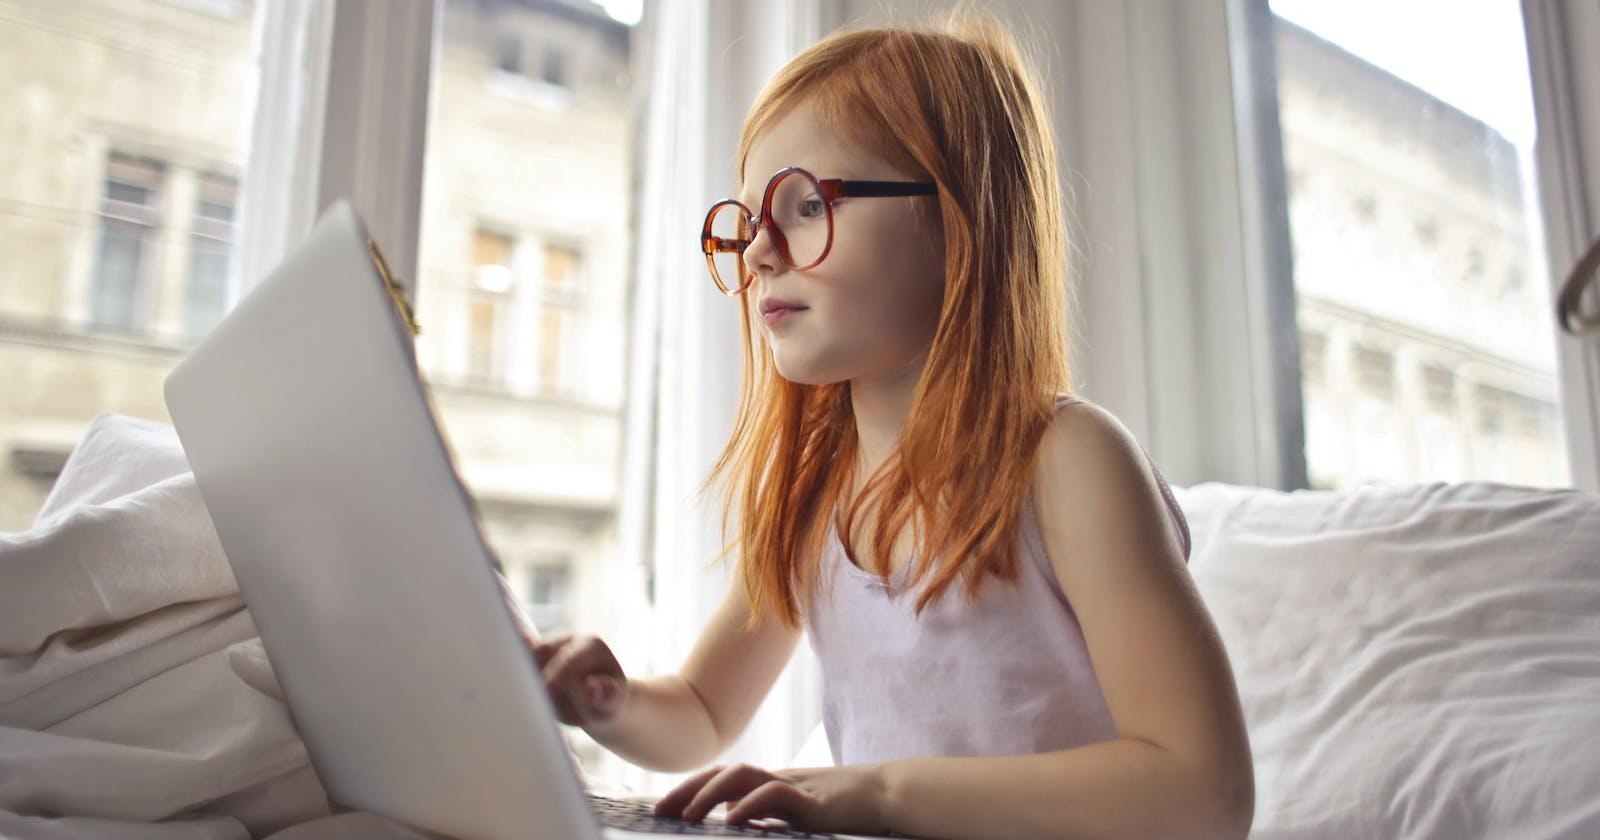 Hemen Her Şeyi Öğrenebileceğimiz Online Eğitim Siteleri